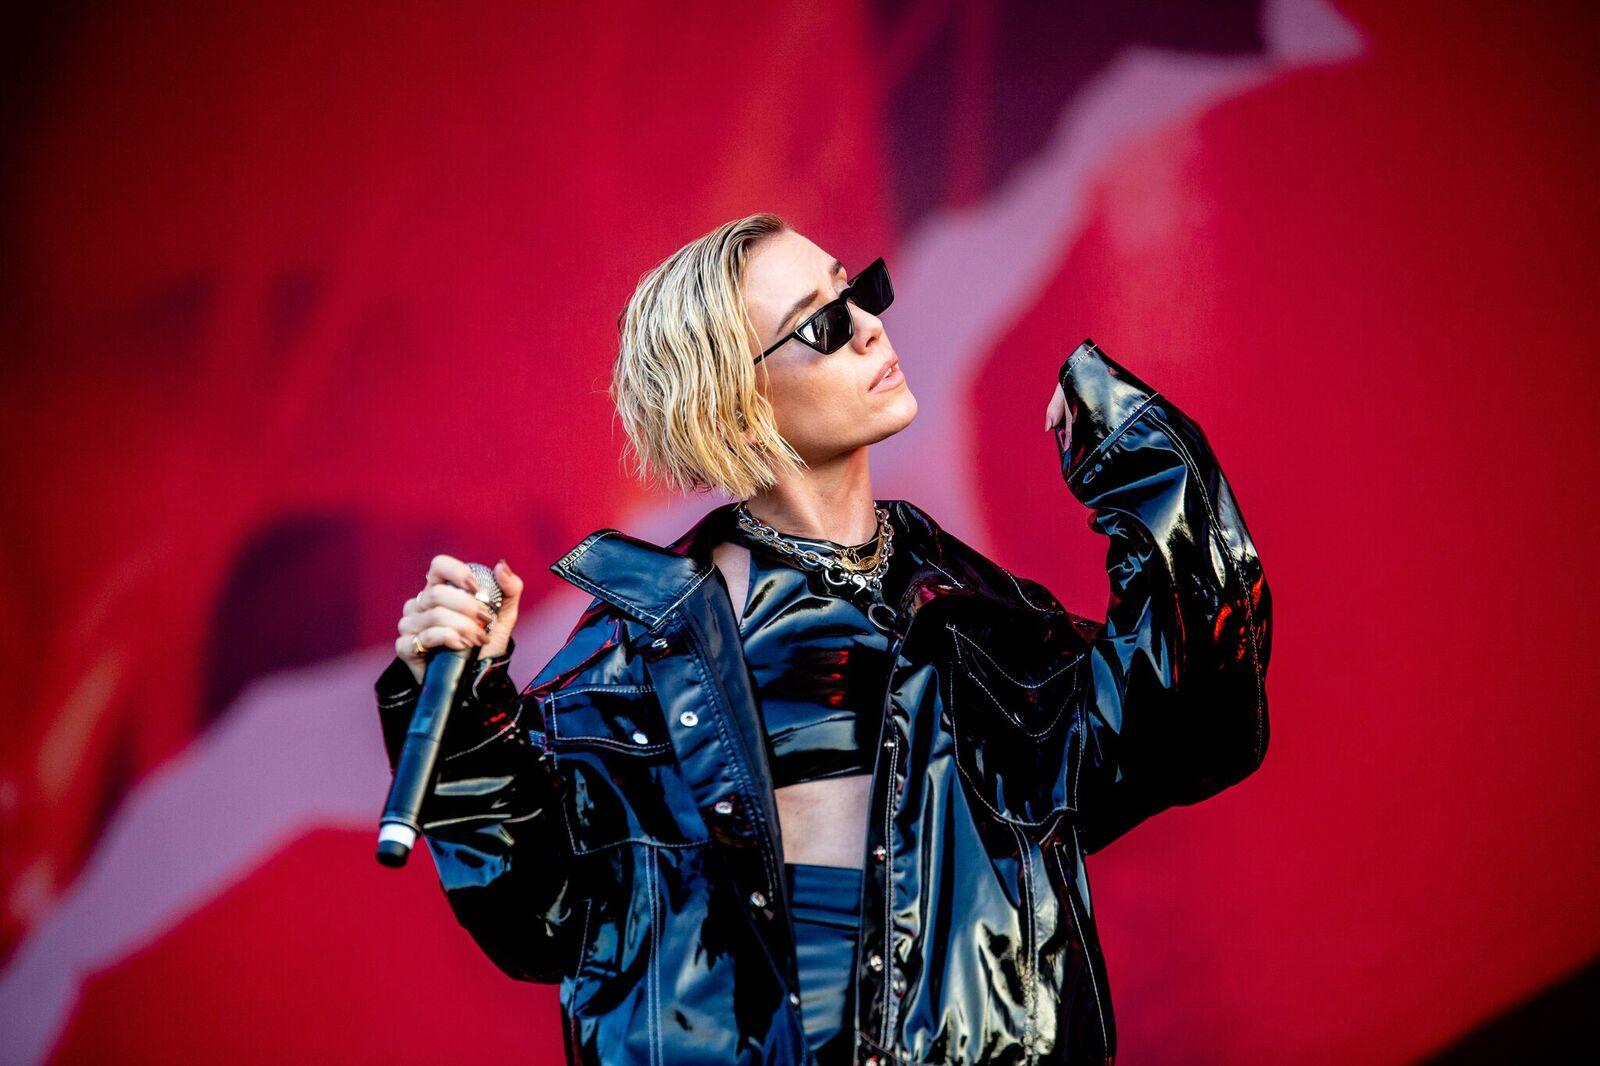 Lykke Li, Sziget 2018 - Foto de Rockstar Photographers